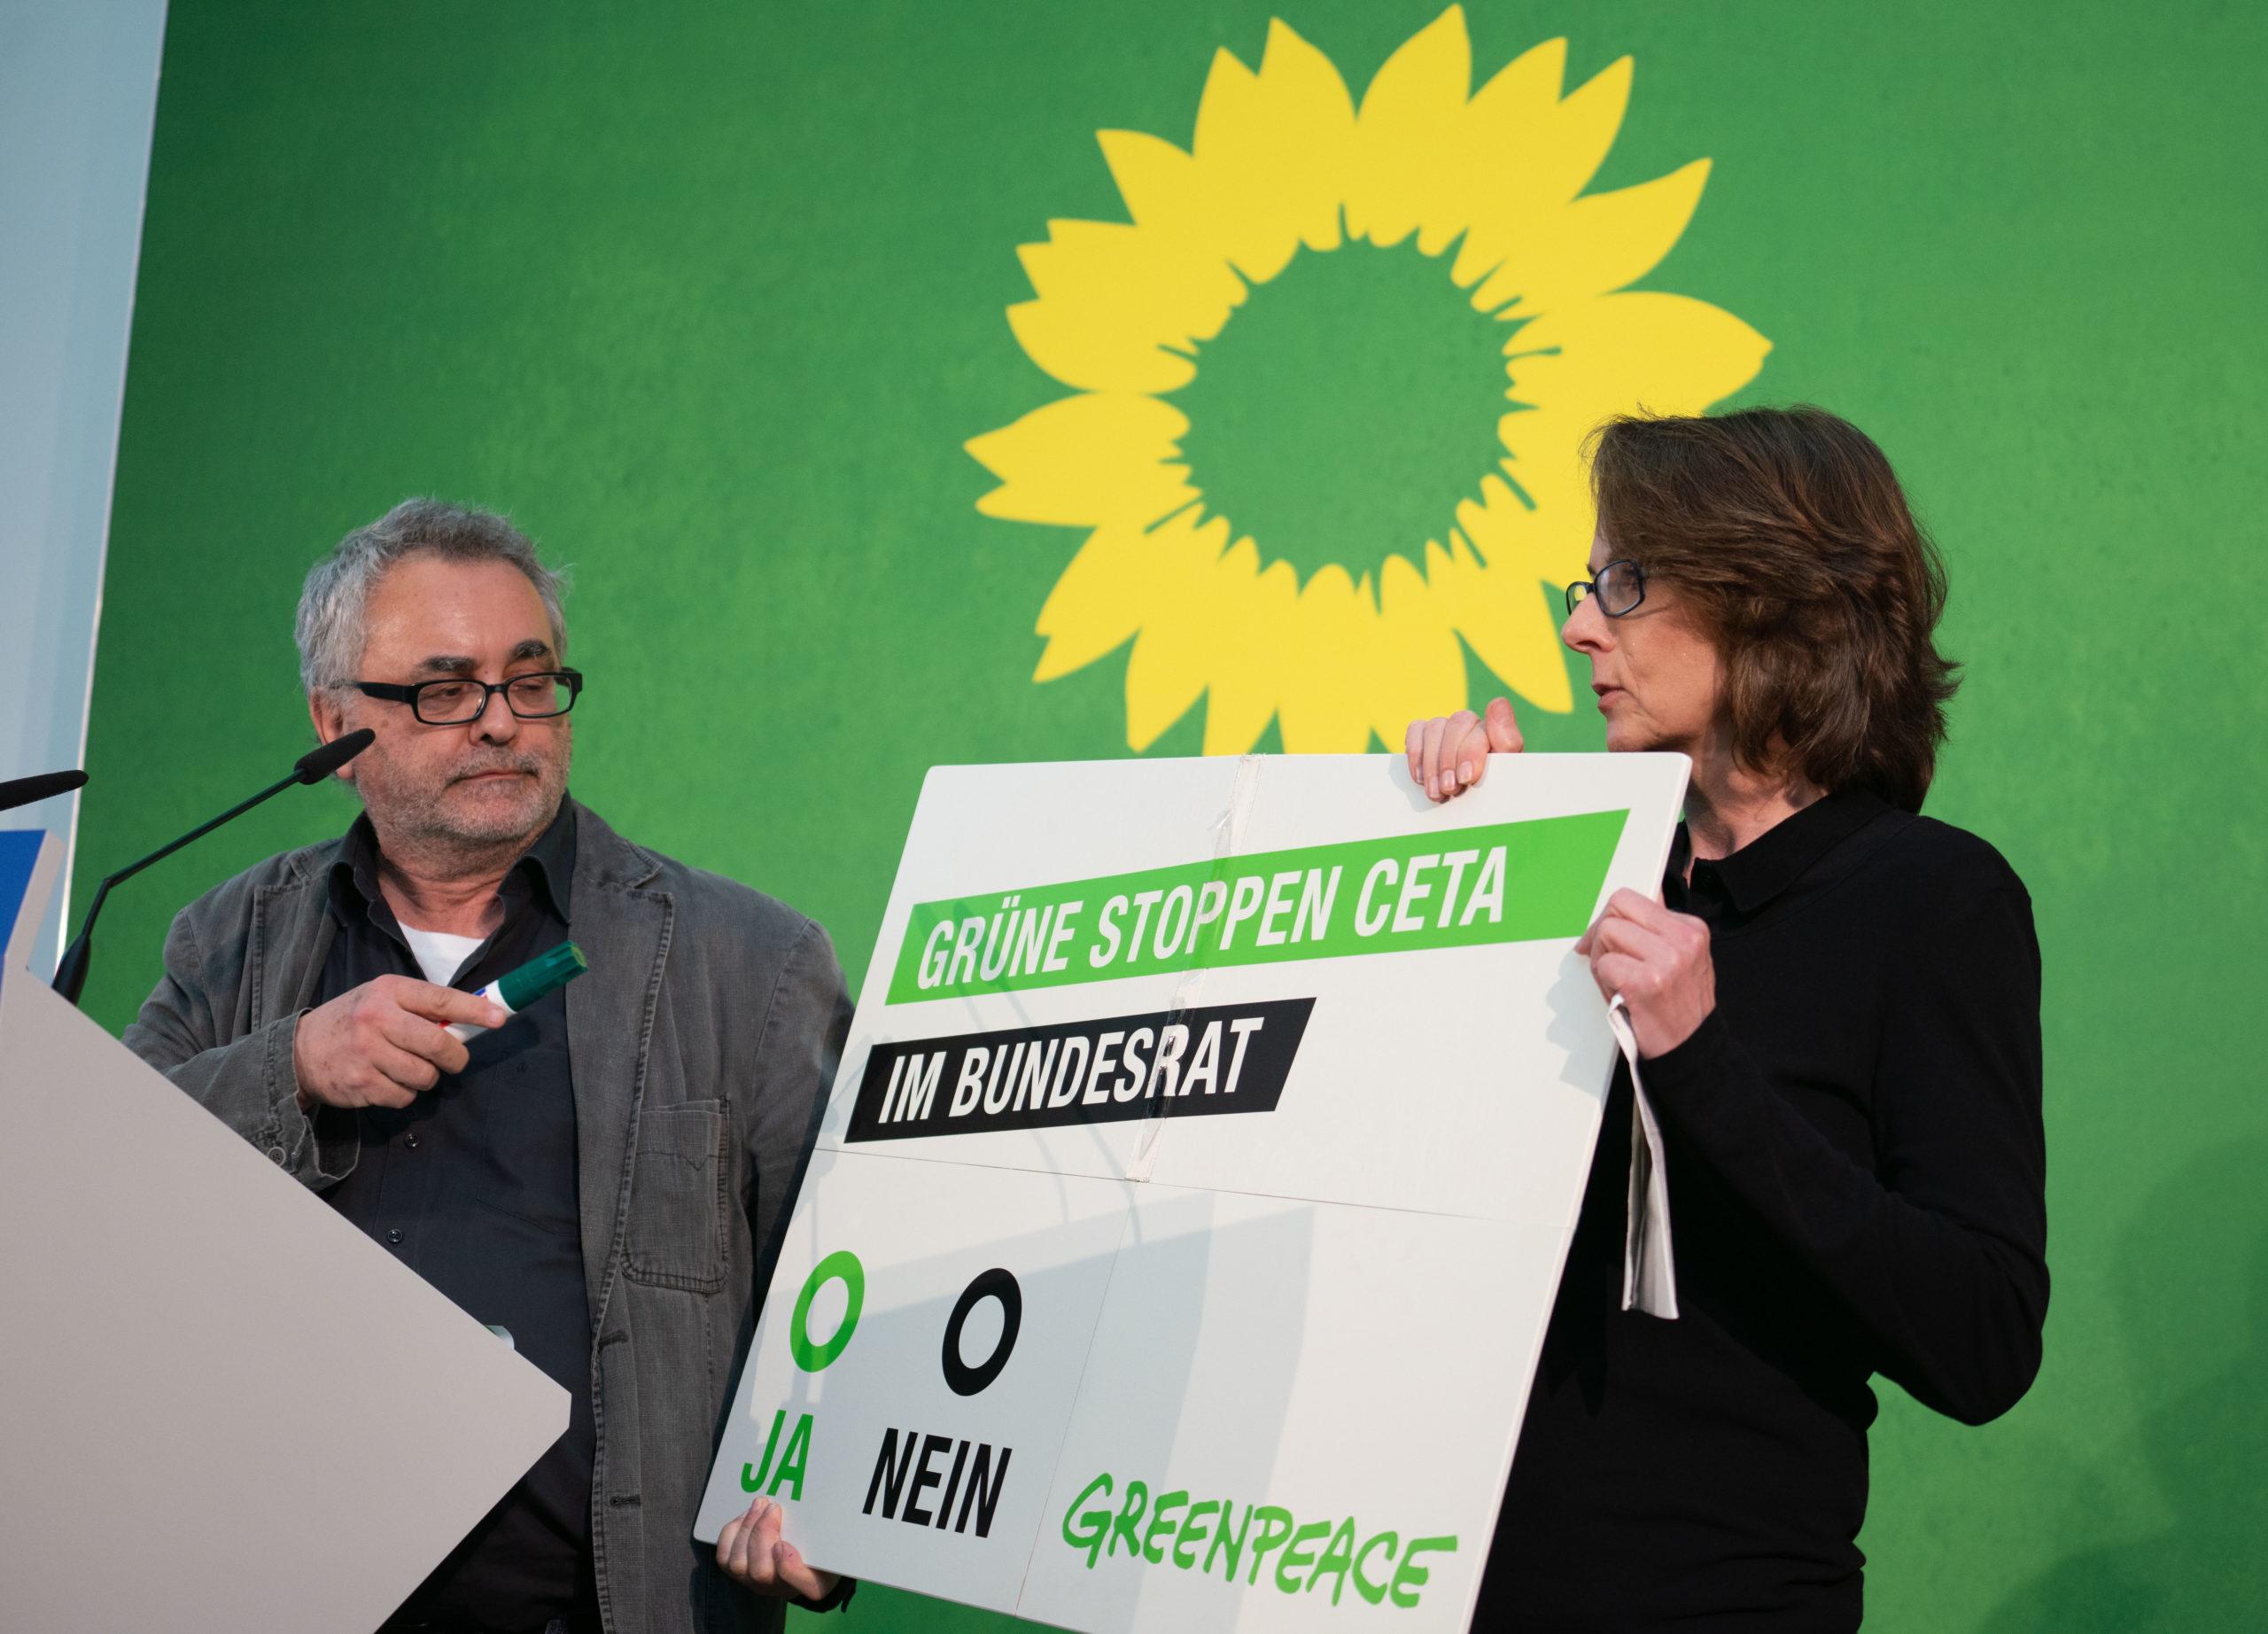 Die Grünen in Hessen könnten CETA im Bundesrat stoppen!